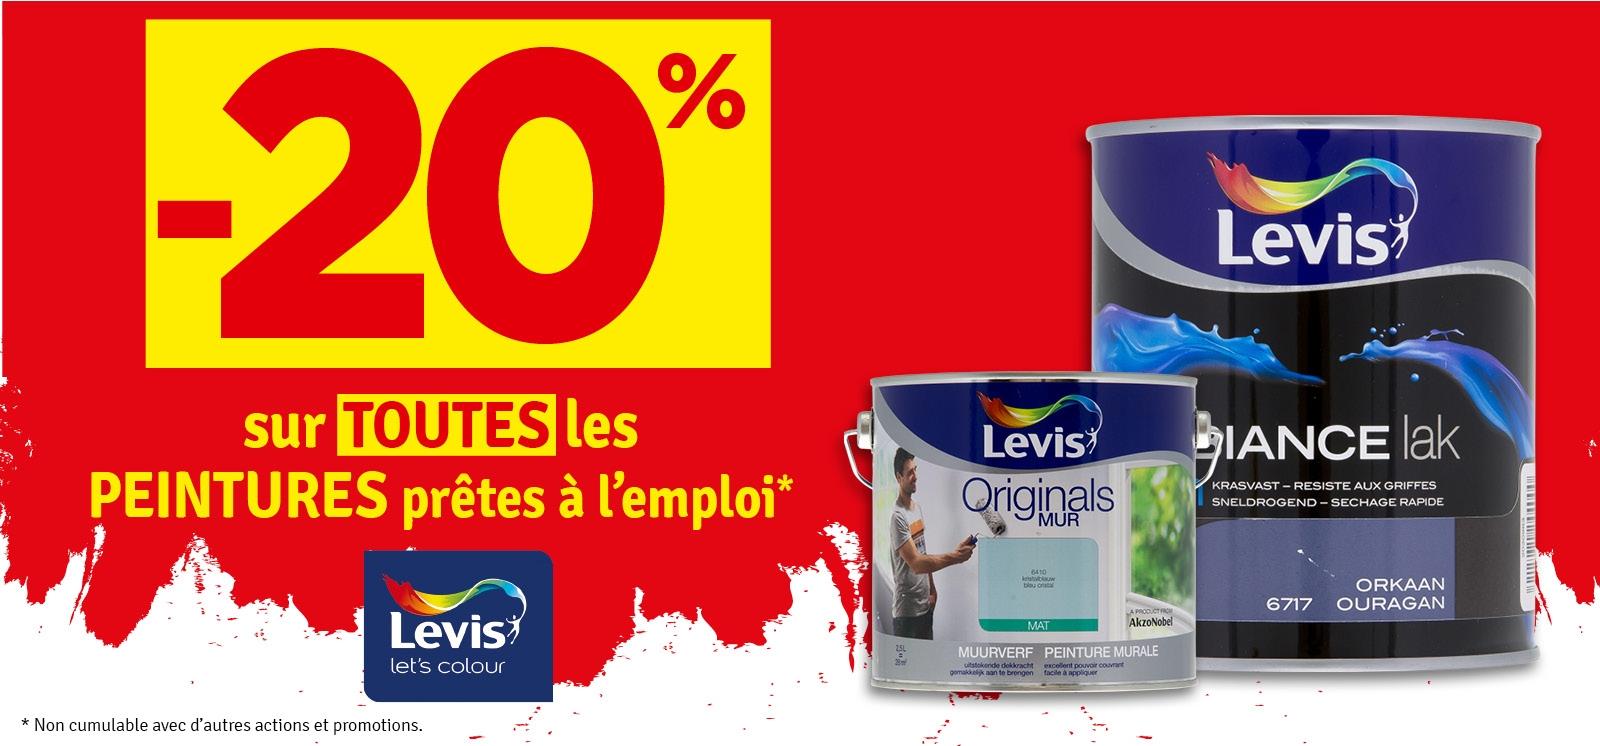 Promo - -20% sur toutes les peintures prêtes à l'emploi LEVIS